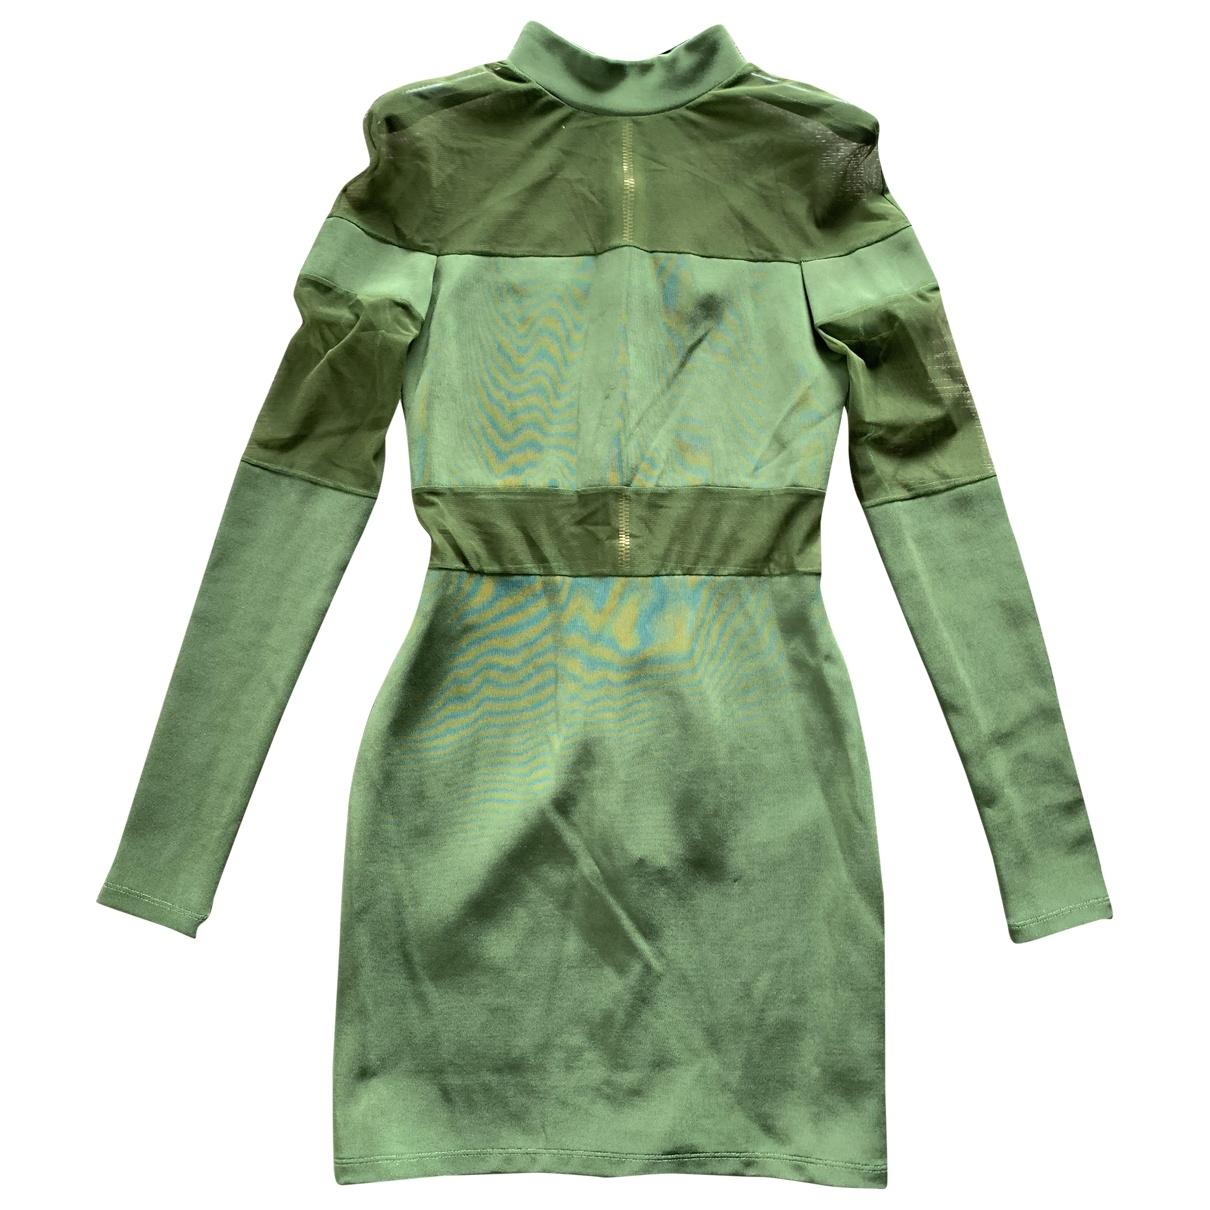 Balmain \N Kleid in  Gruen Baumwolle - Elasthan